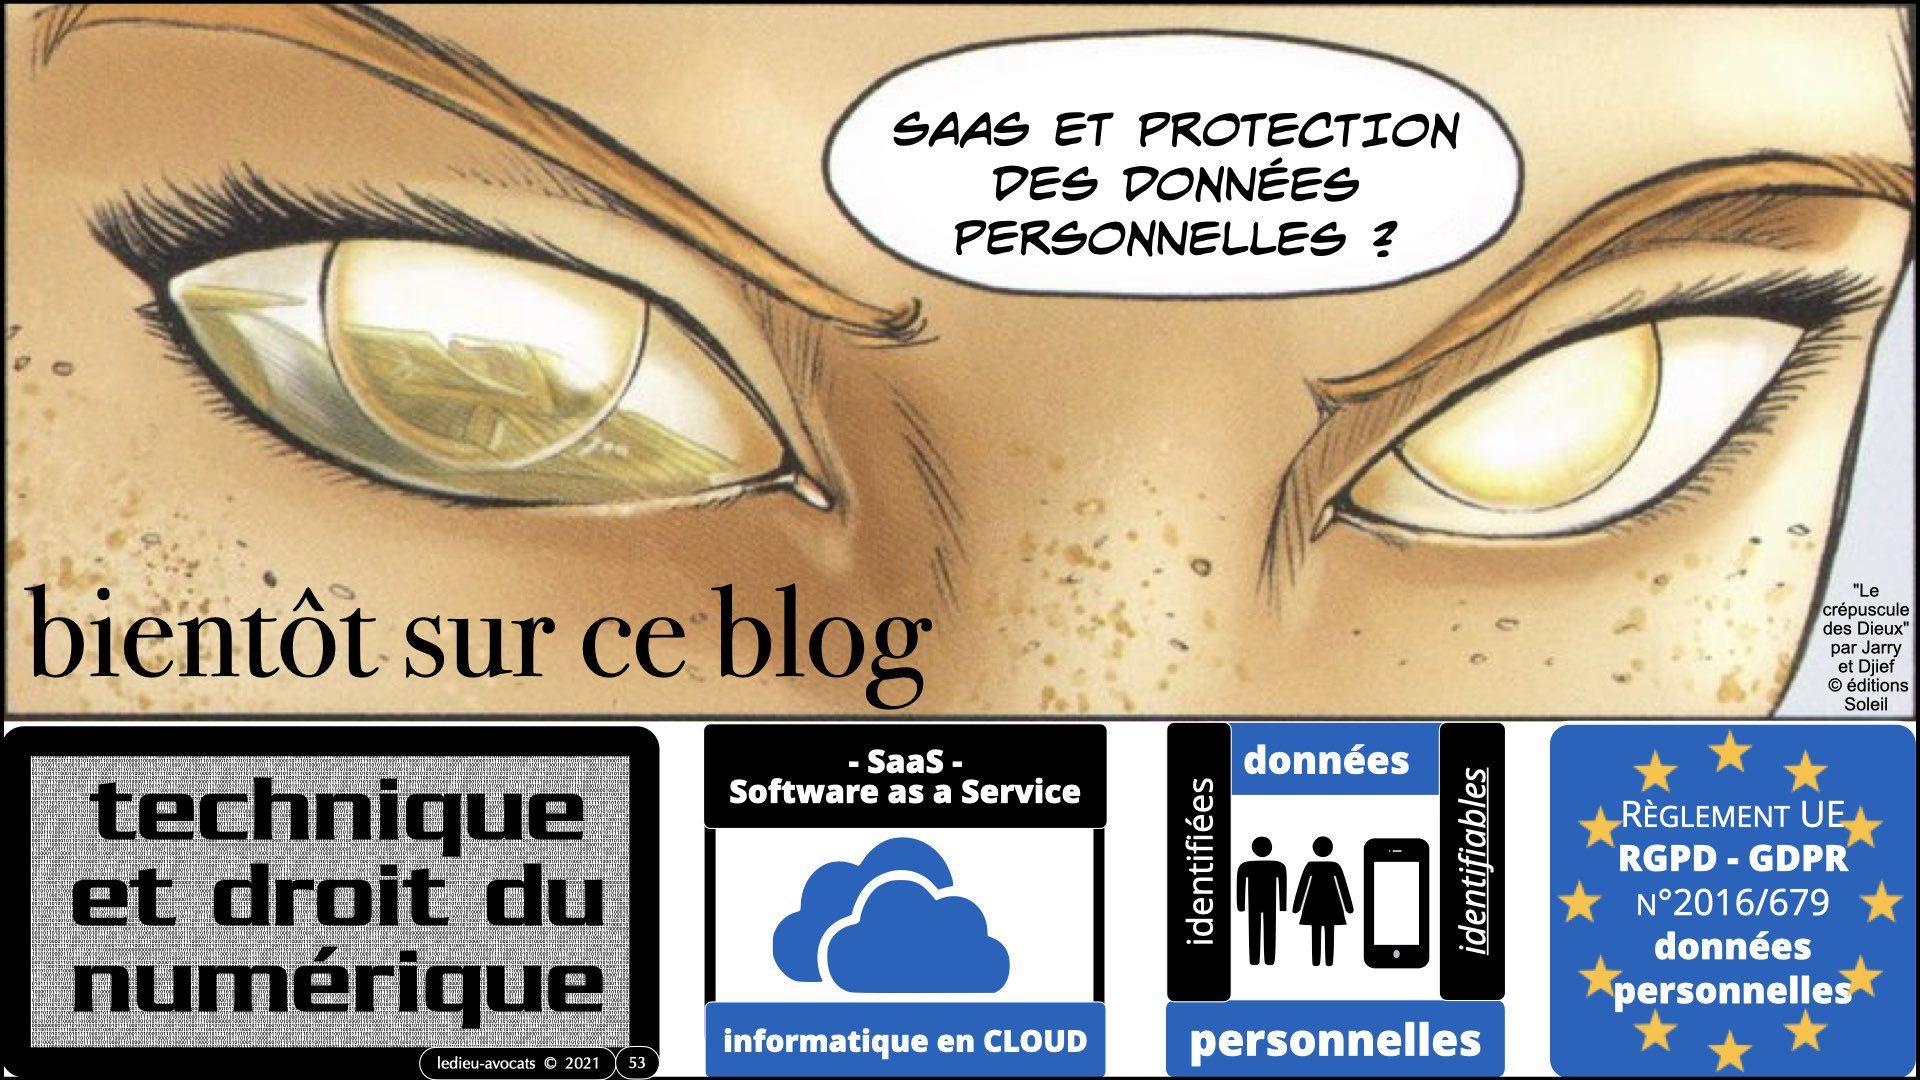 343 service LOGICIEL SaaS Software-as-a-Service cloud computing © Ledieu-Avocats technique droit numerique 30-08-2021.053